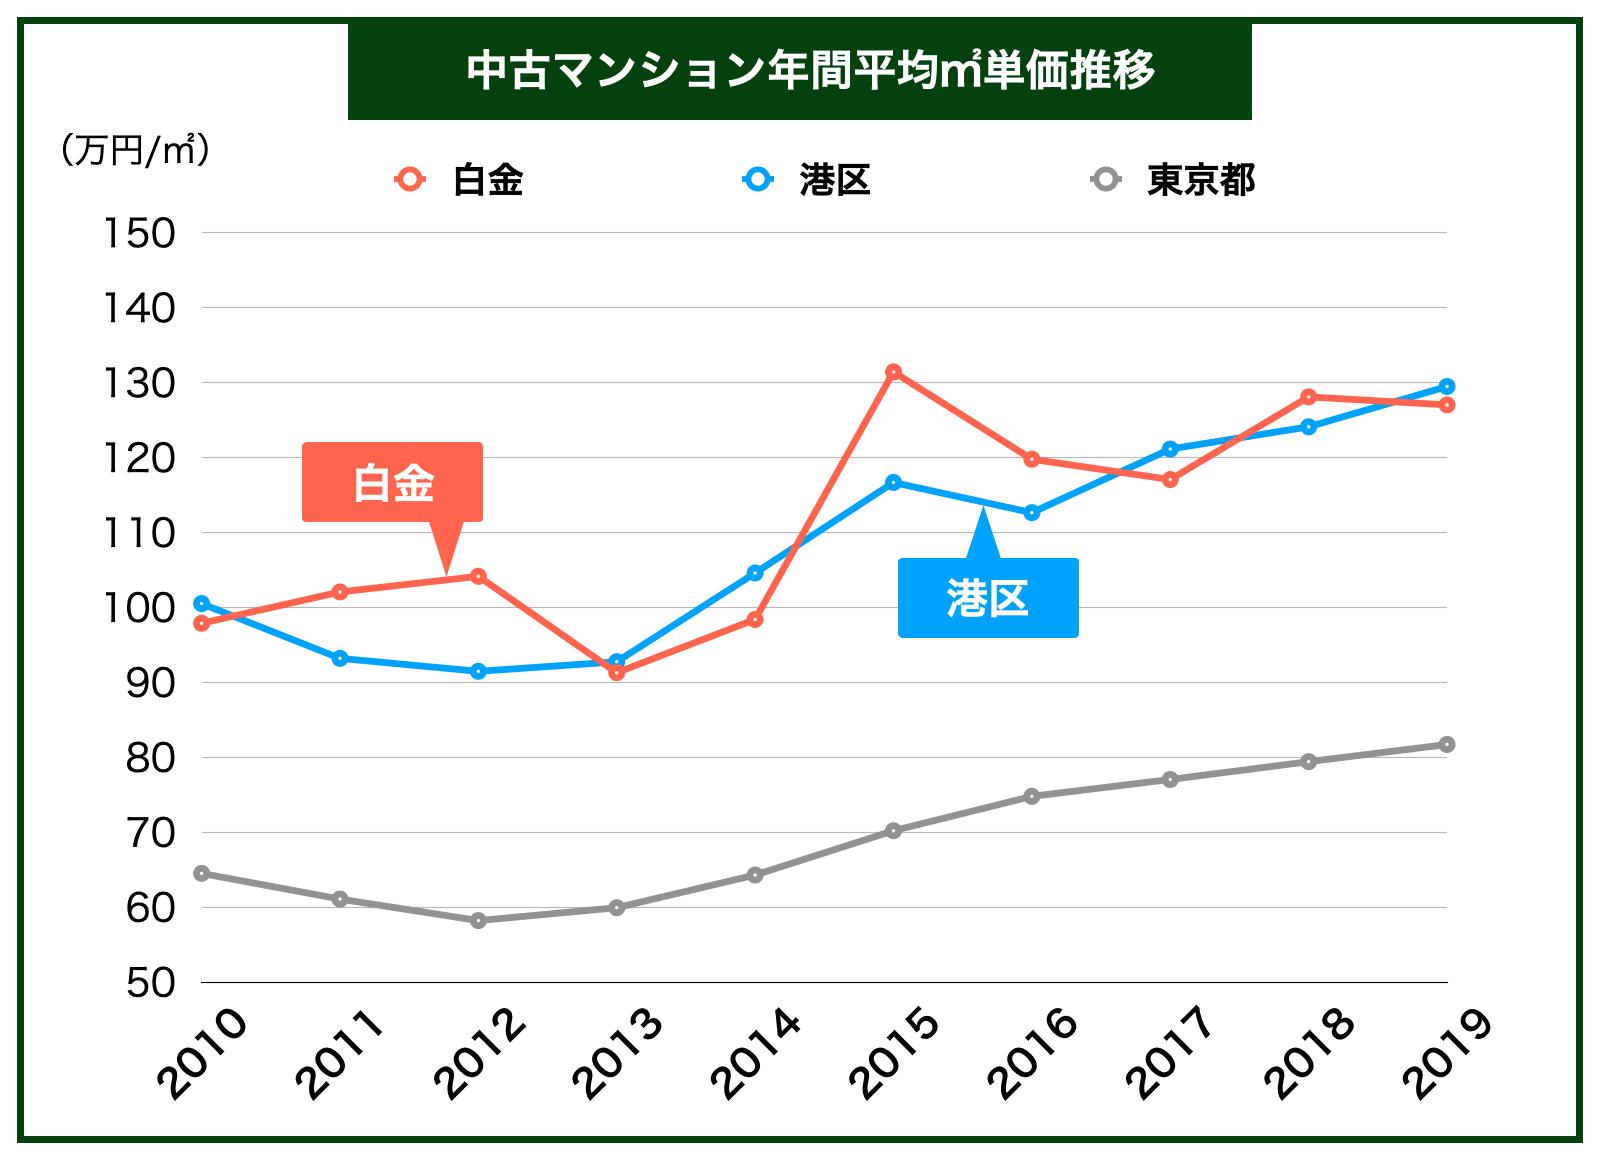 中古マンション平均㎡単価推移」